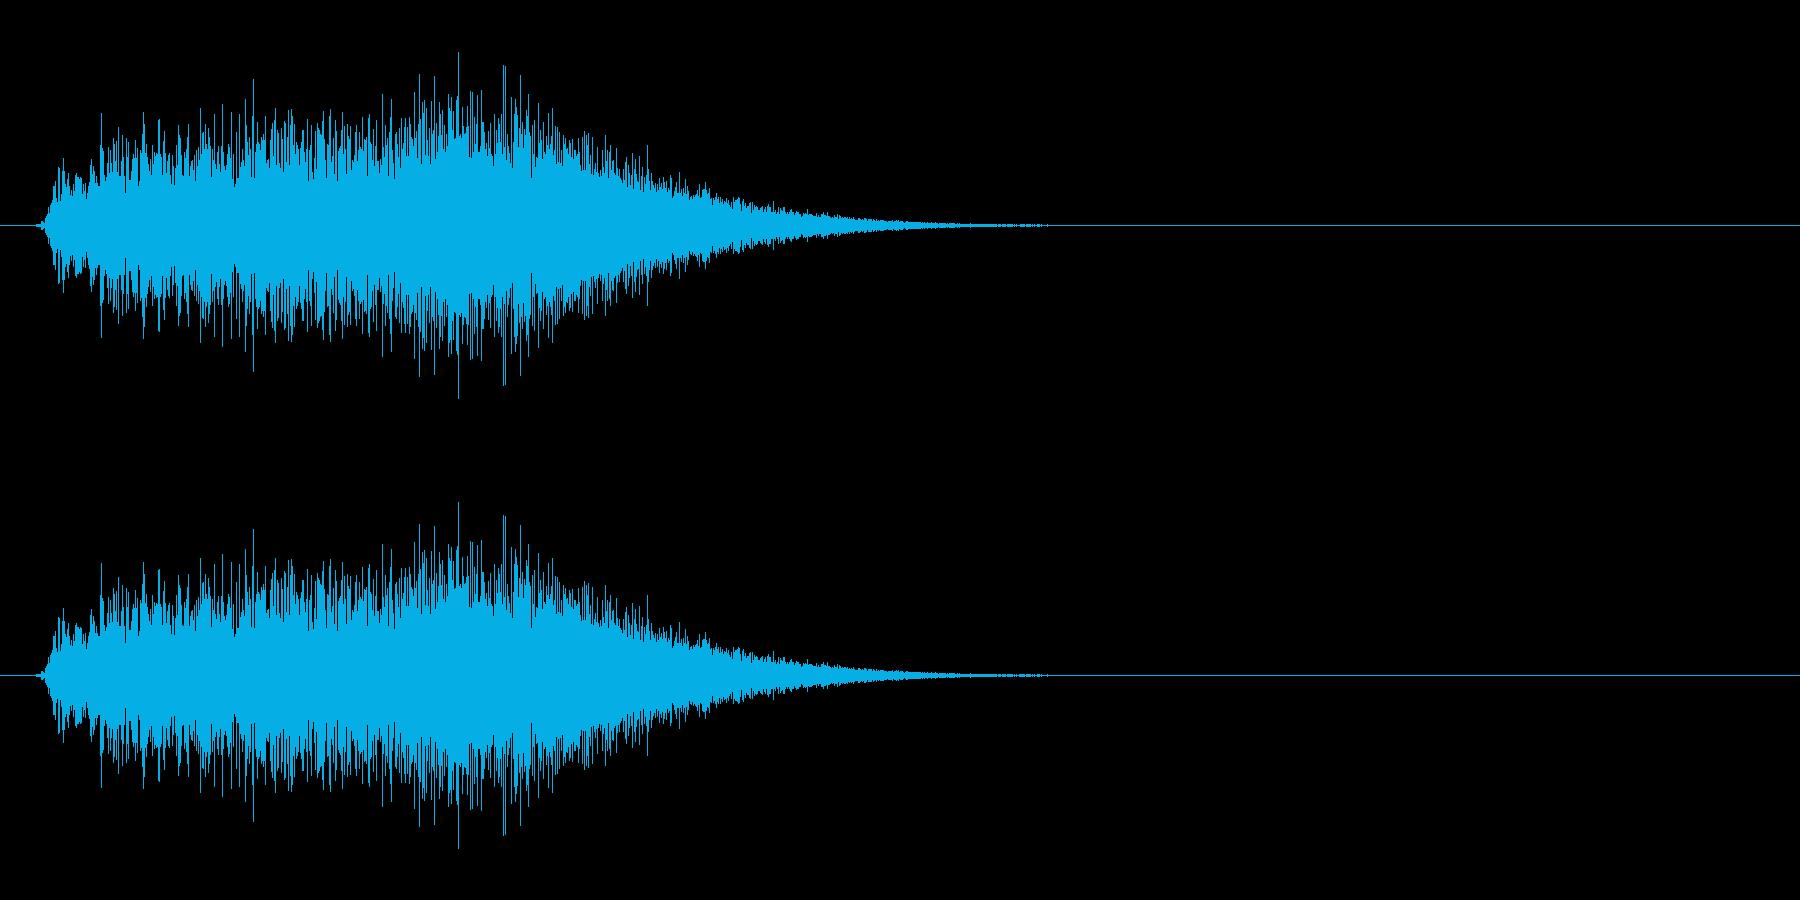 パワーアップをするような効果音の再生済みの波形